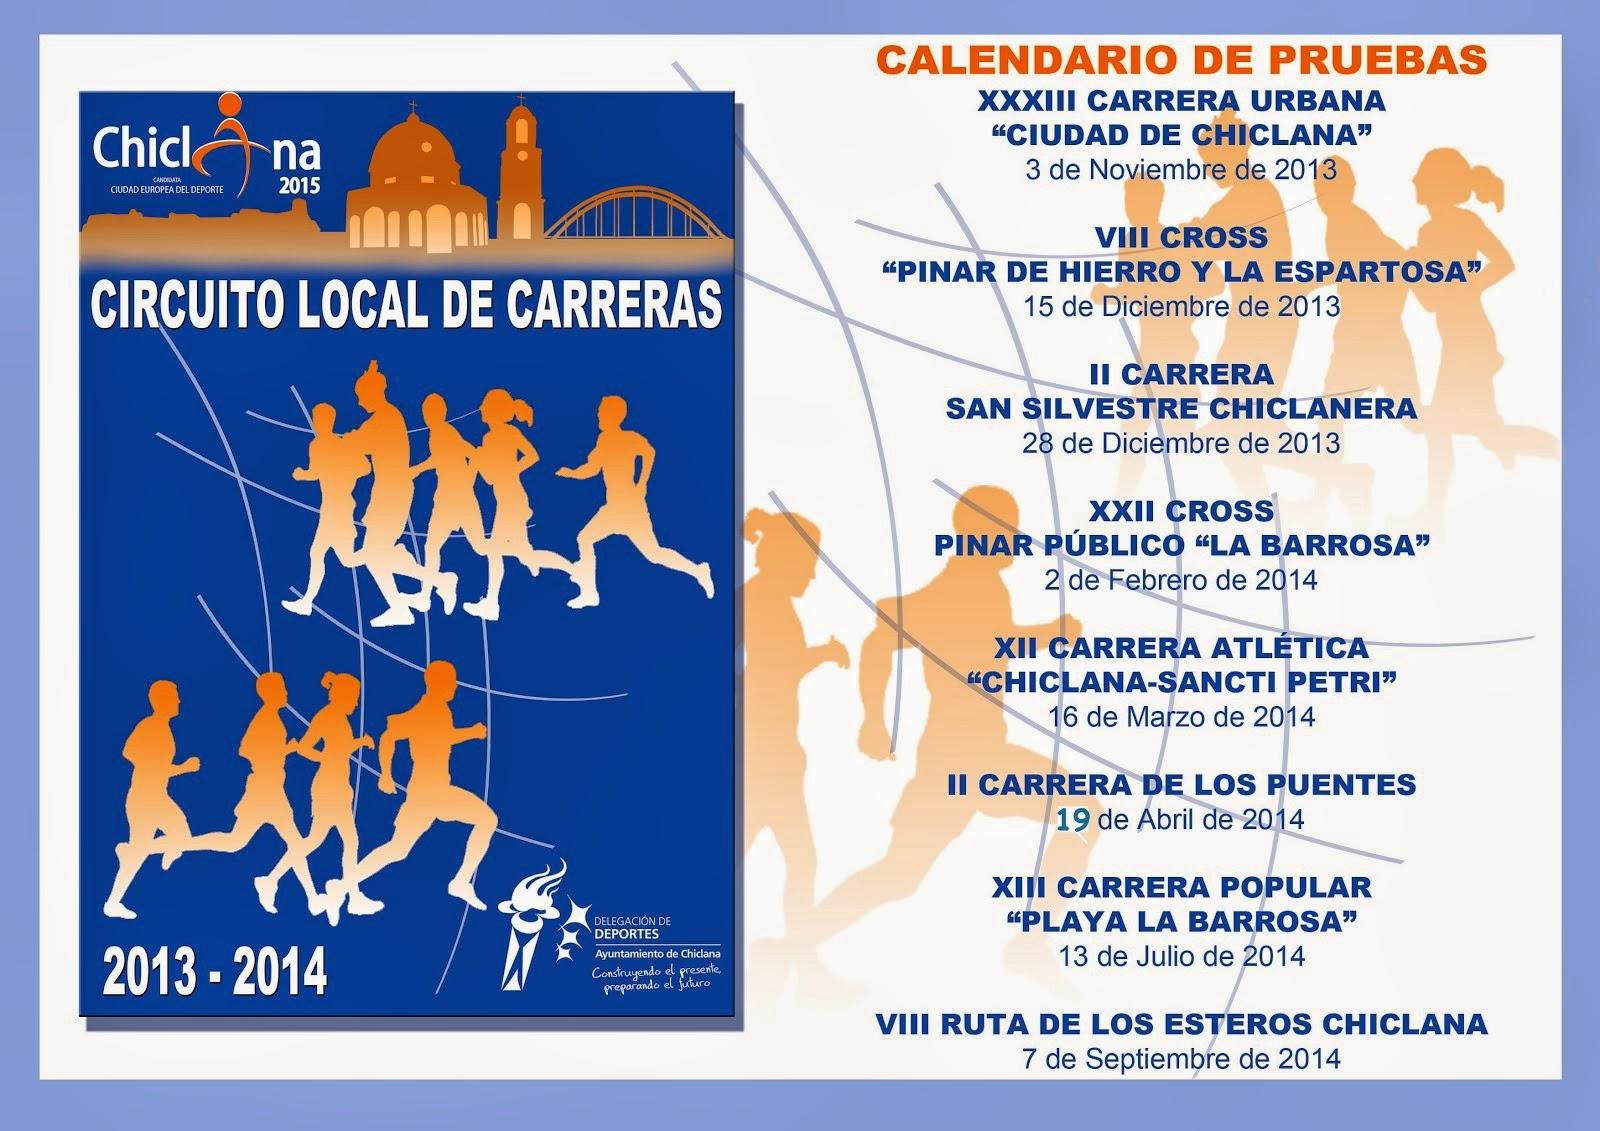 CIRCUITO 2013-14 CARRERAS POPULARES EN CHICLANA